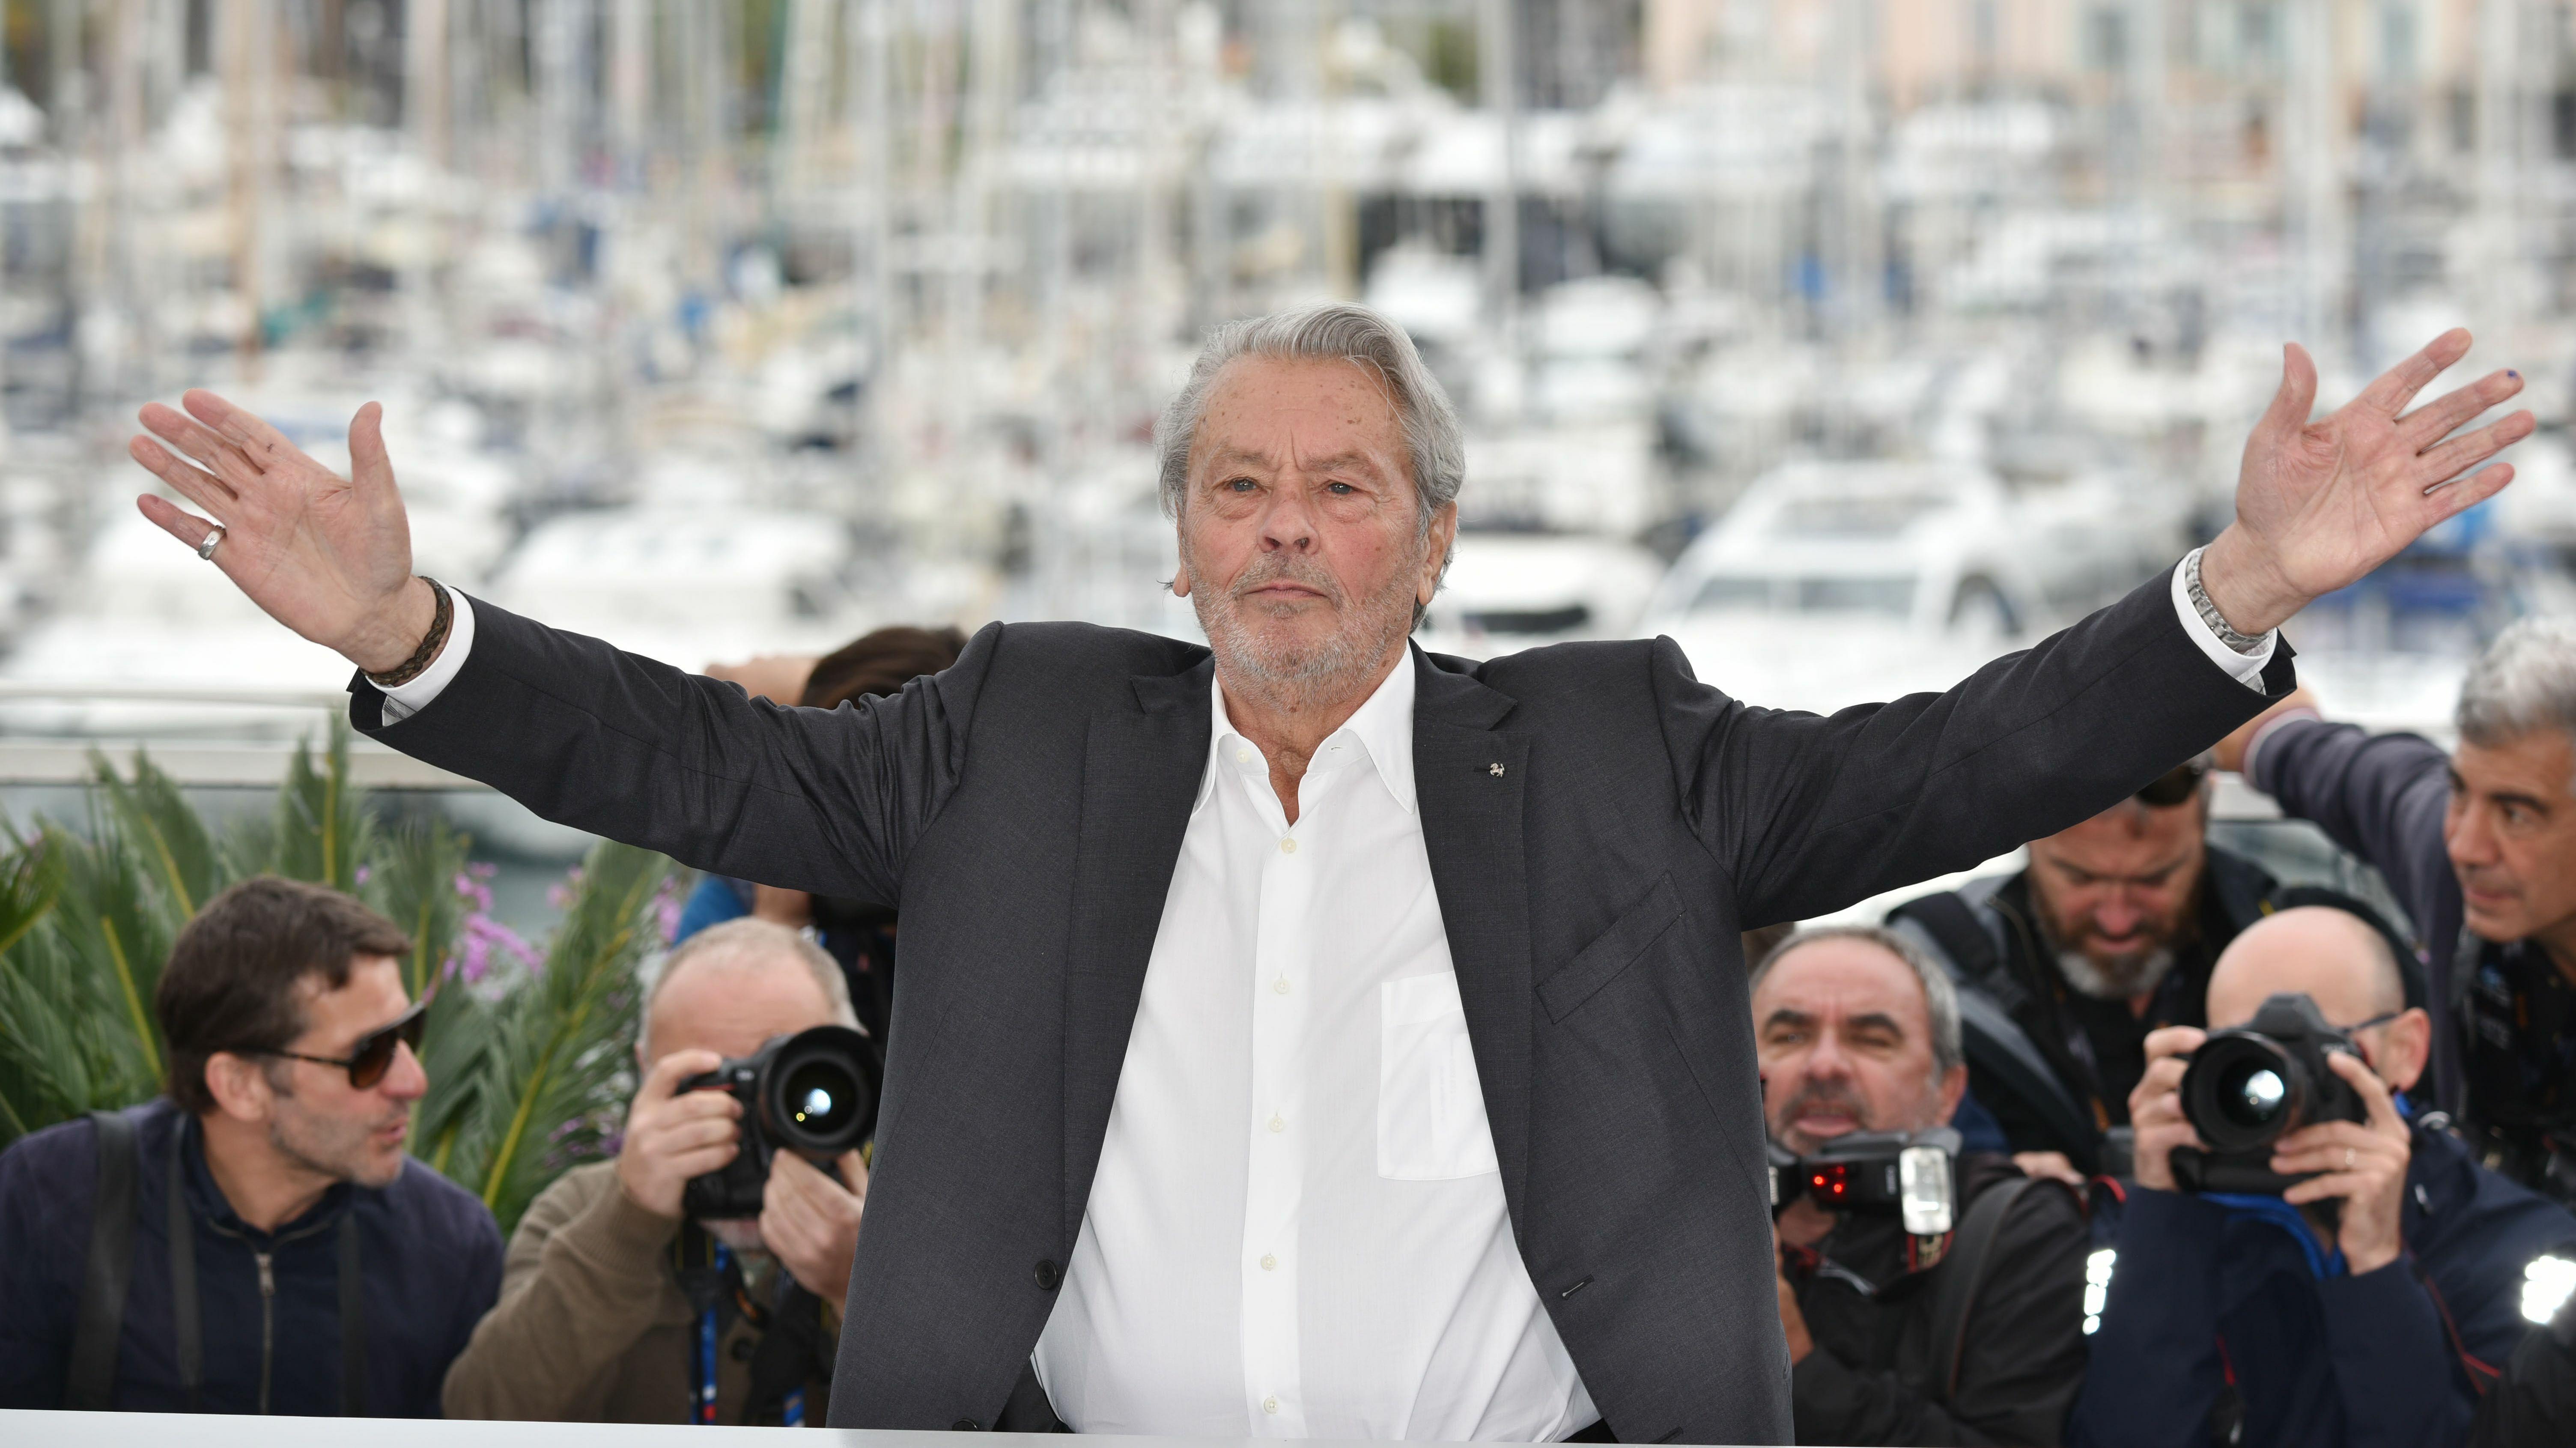 Alain Delon évoque sa « fin de vie » lors de son discours au Festival de Cannes